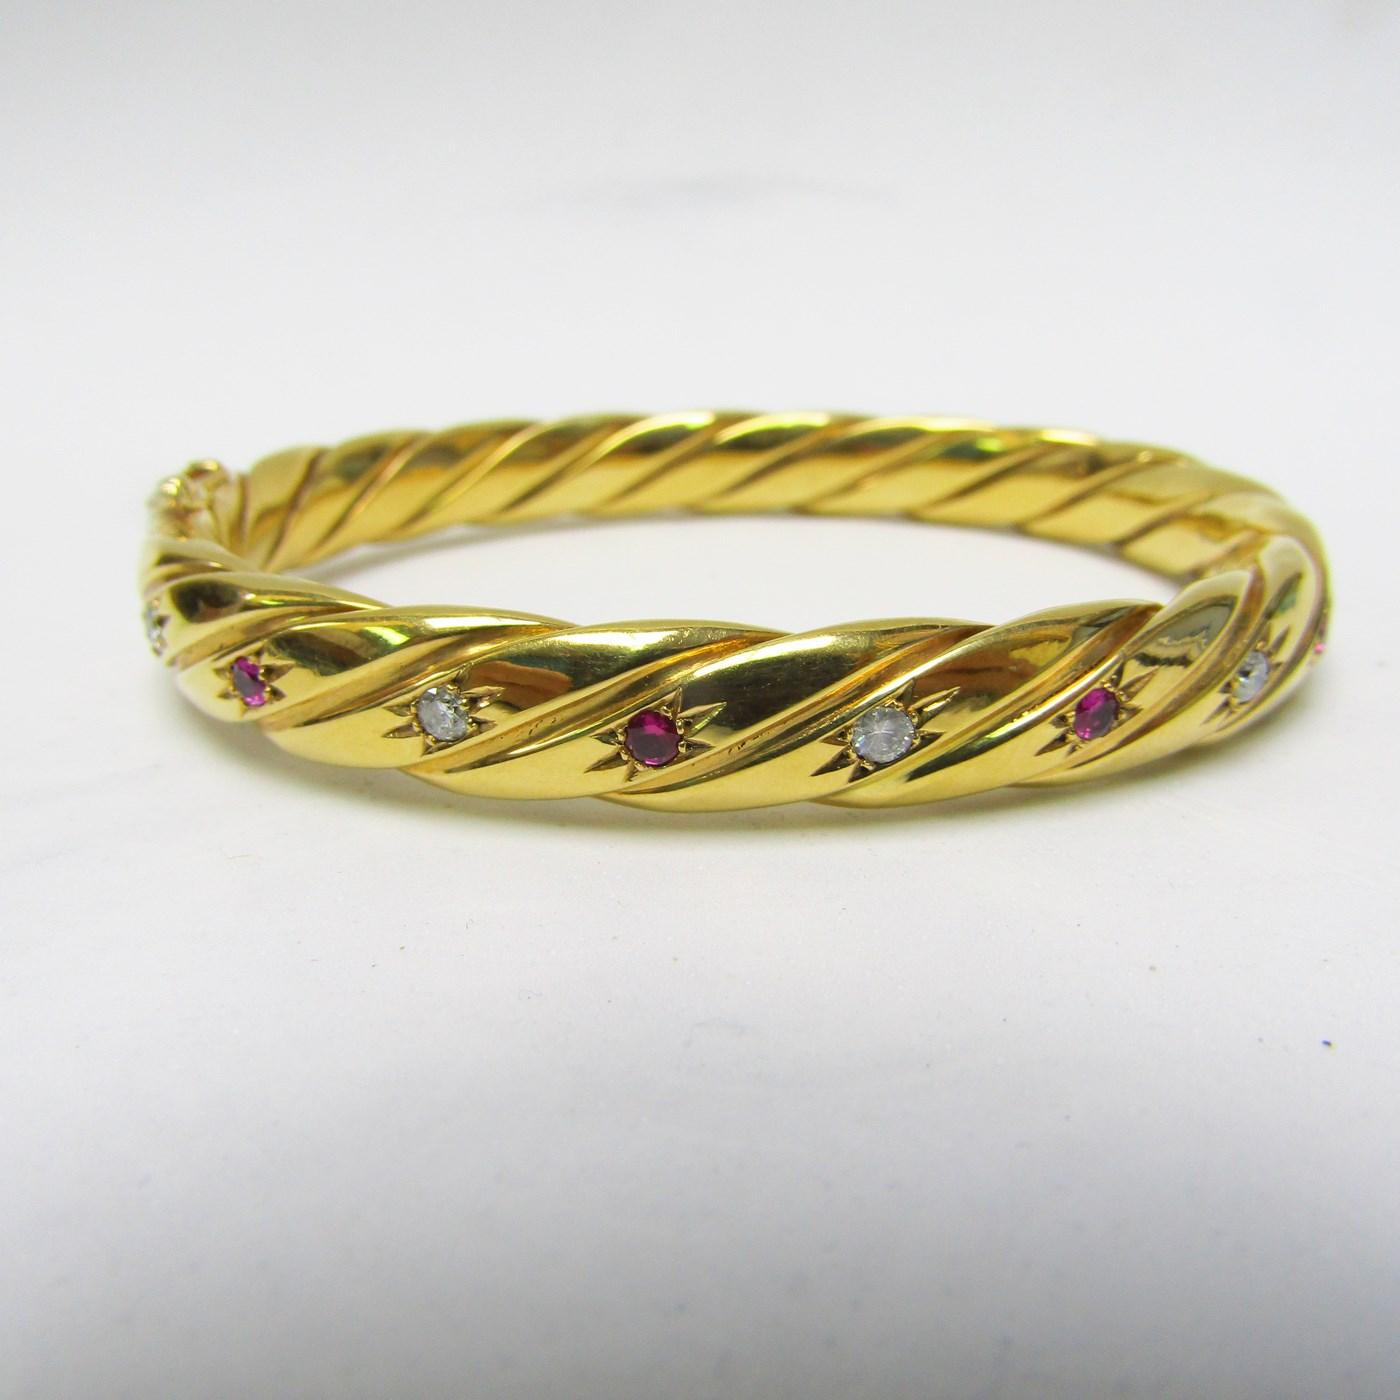 Pulsera Rígida y Oval, sogueada, en Oro de 18k con 5 Diamantes y 4 Rubíes, talla Brillante, de 0,50 ct. y 0,40 ct. respectivamente. Peso: 28 gr.